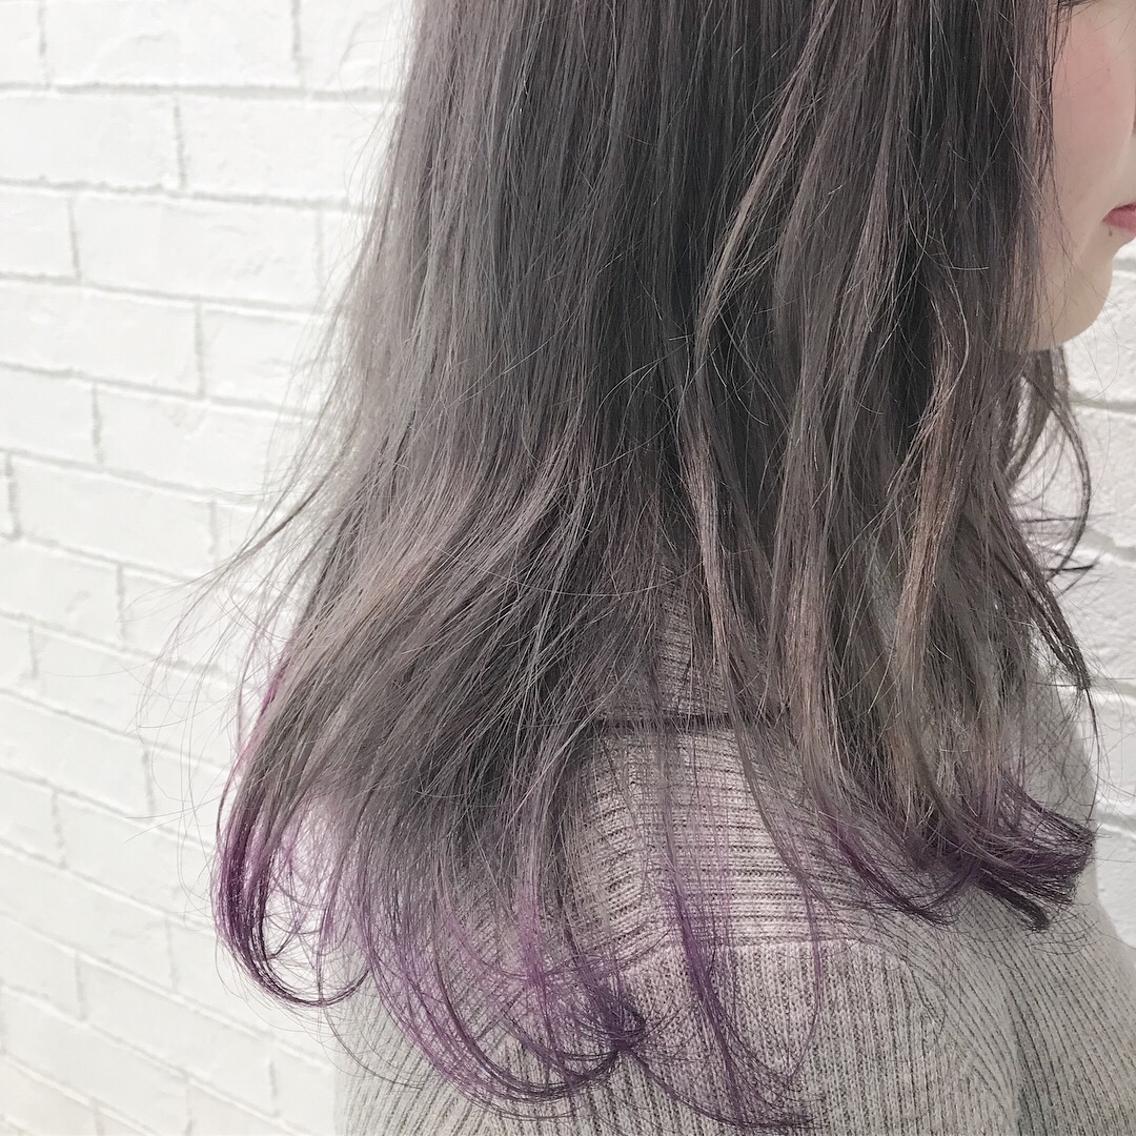 #セミロング #カラー grayge color × violet  ブリーチ1〜2回